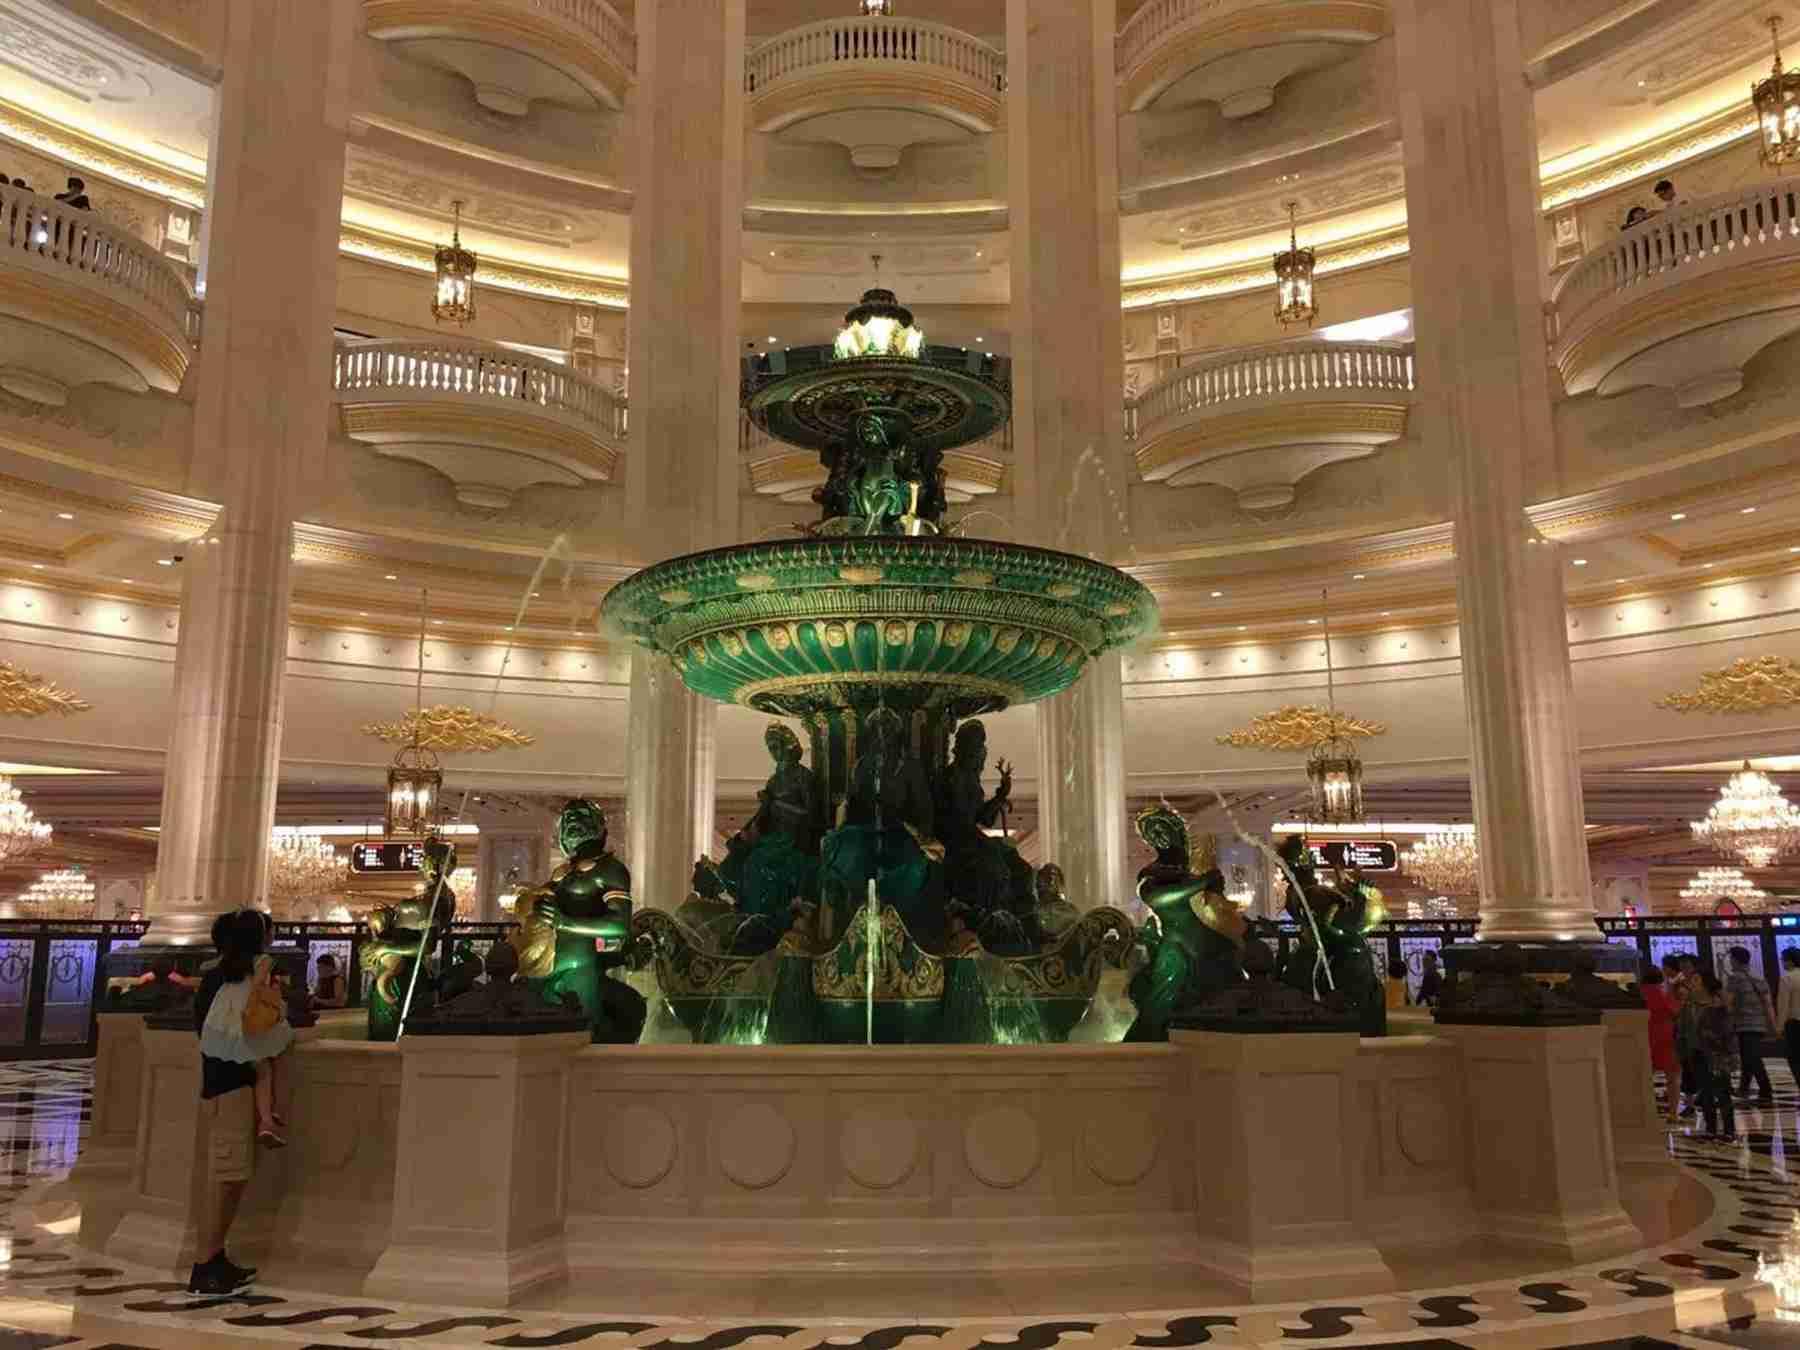 澳门巴黎人酒店圆形大厅喷泉